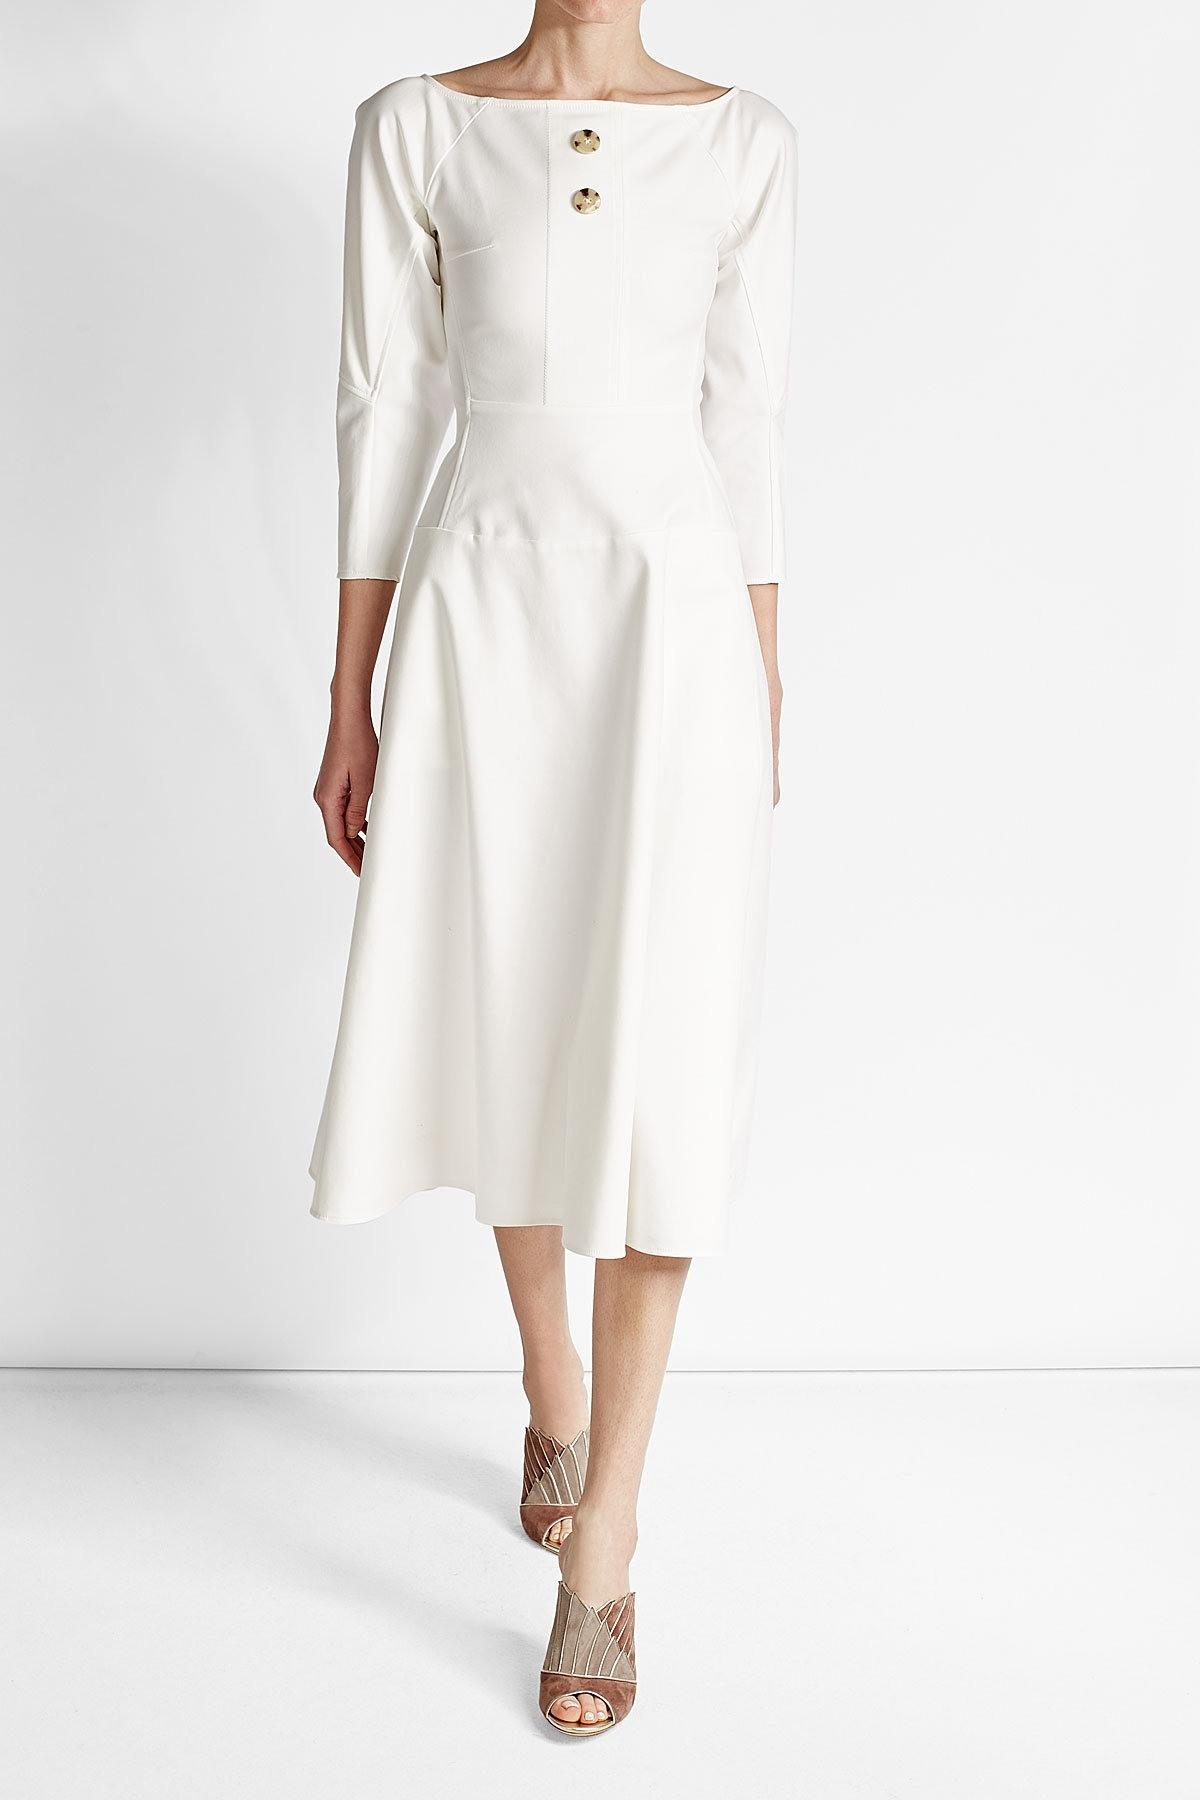 Formal Wunderbar Damen Kleider Midi Spezialgebiet10 Fantastisch Damen Kleider Midi Ärmel